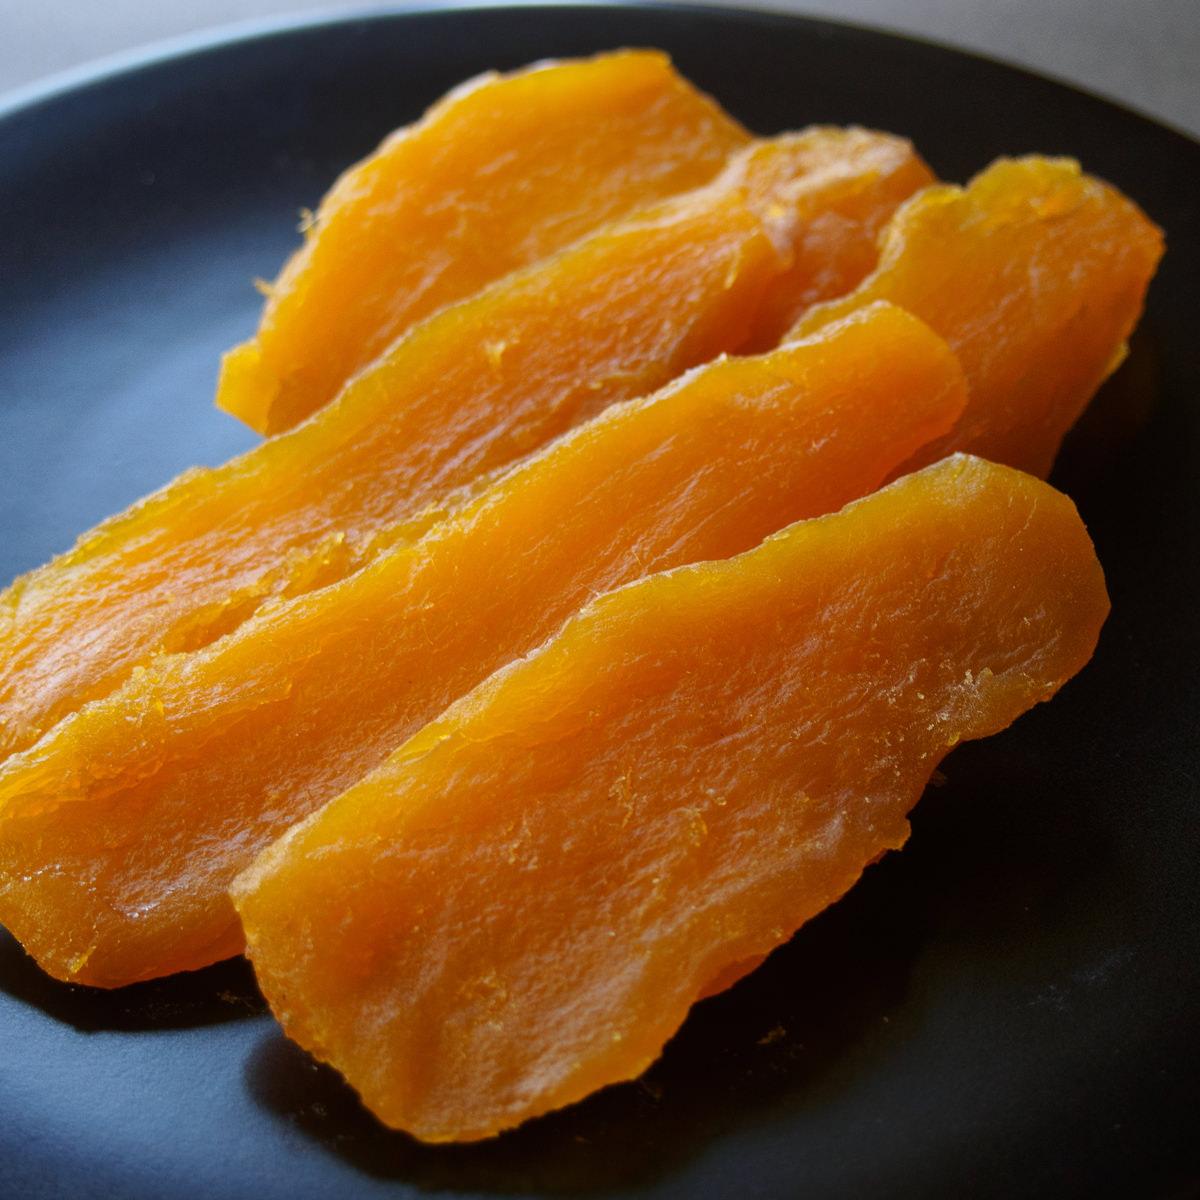 サラダファイブ お試しセット もっちり干し芋 平切り 紅はるか 茨城県ひたちなか産 520g〔130g×4〕